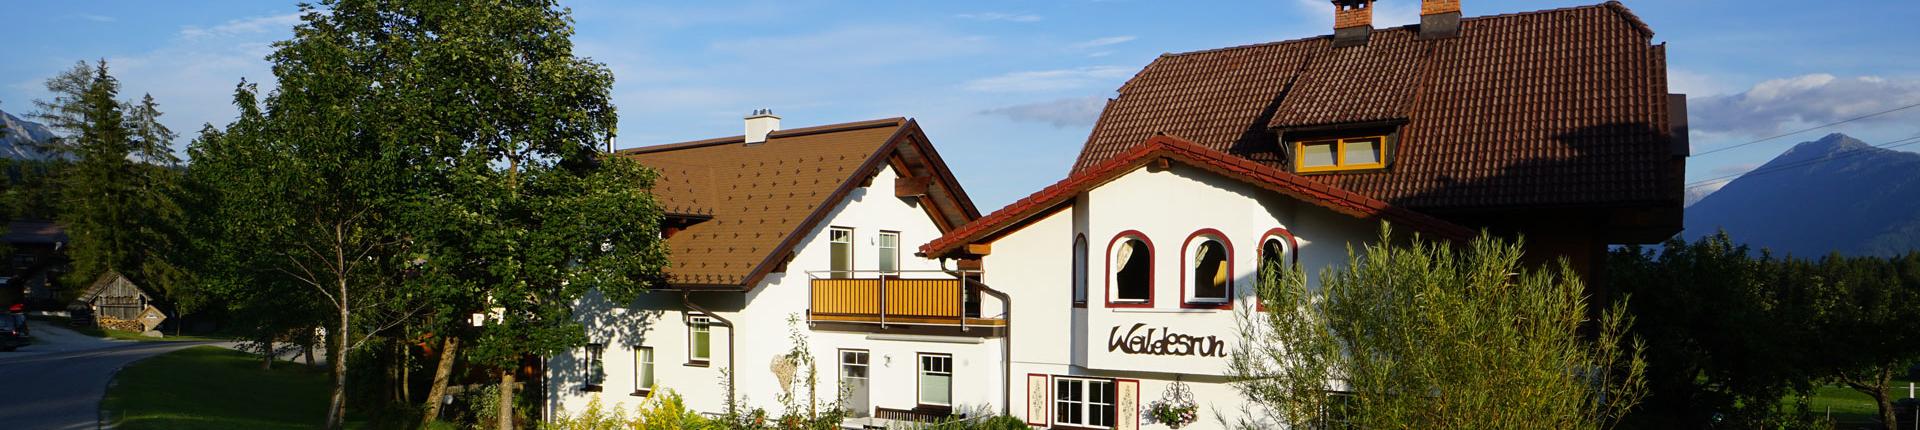 Pension Waldesruh am Vorberg